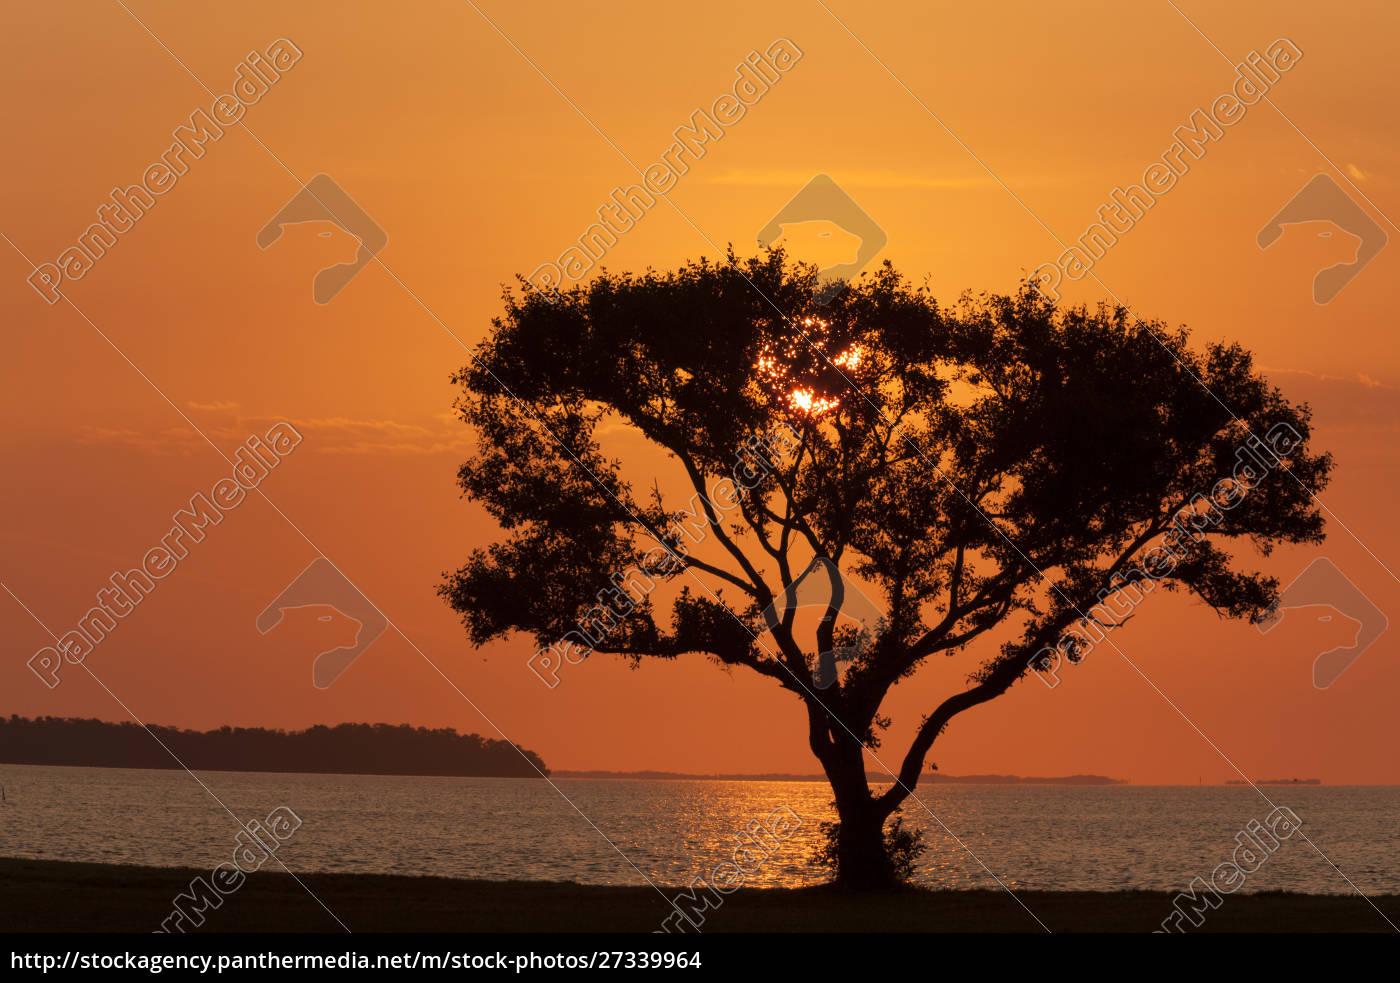 stati, uniti, florida, parco, nazionale, delle, everglades, campo, flamingo. - 27339964